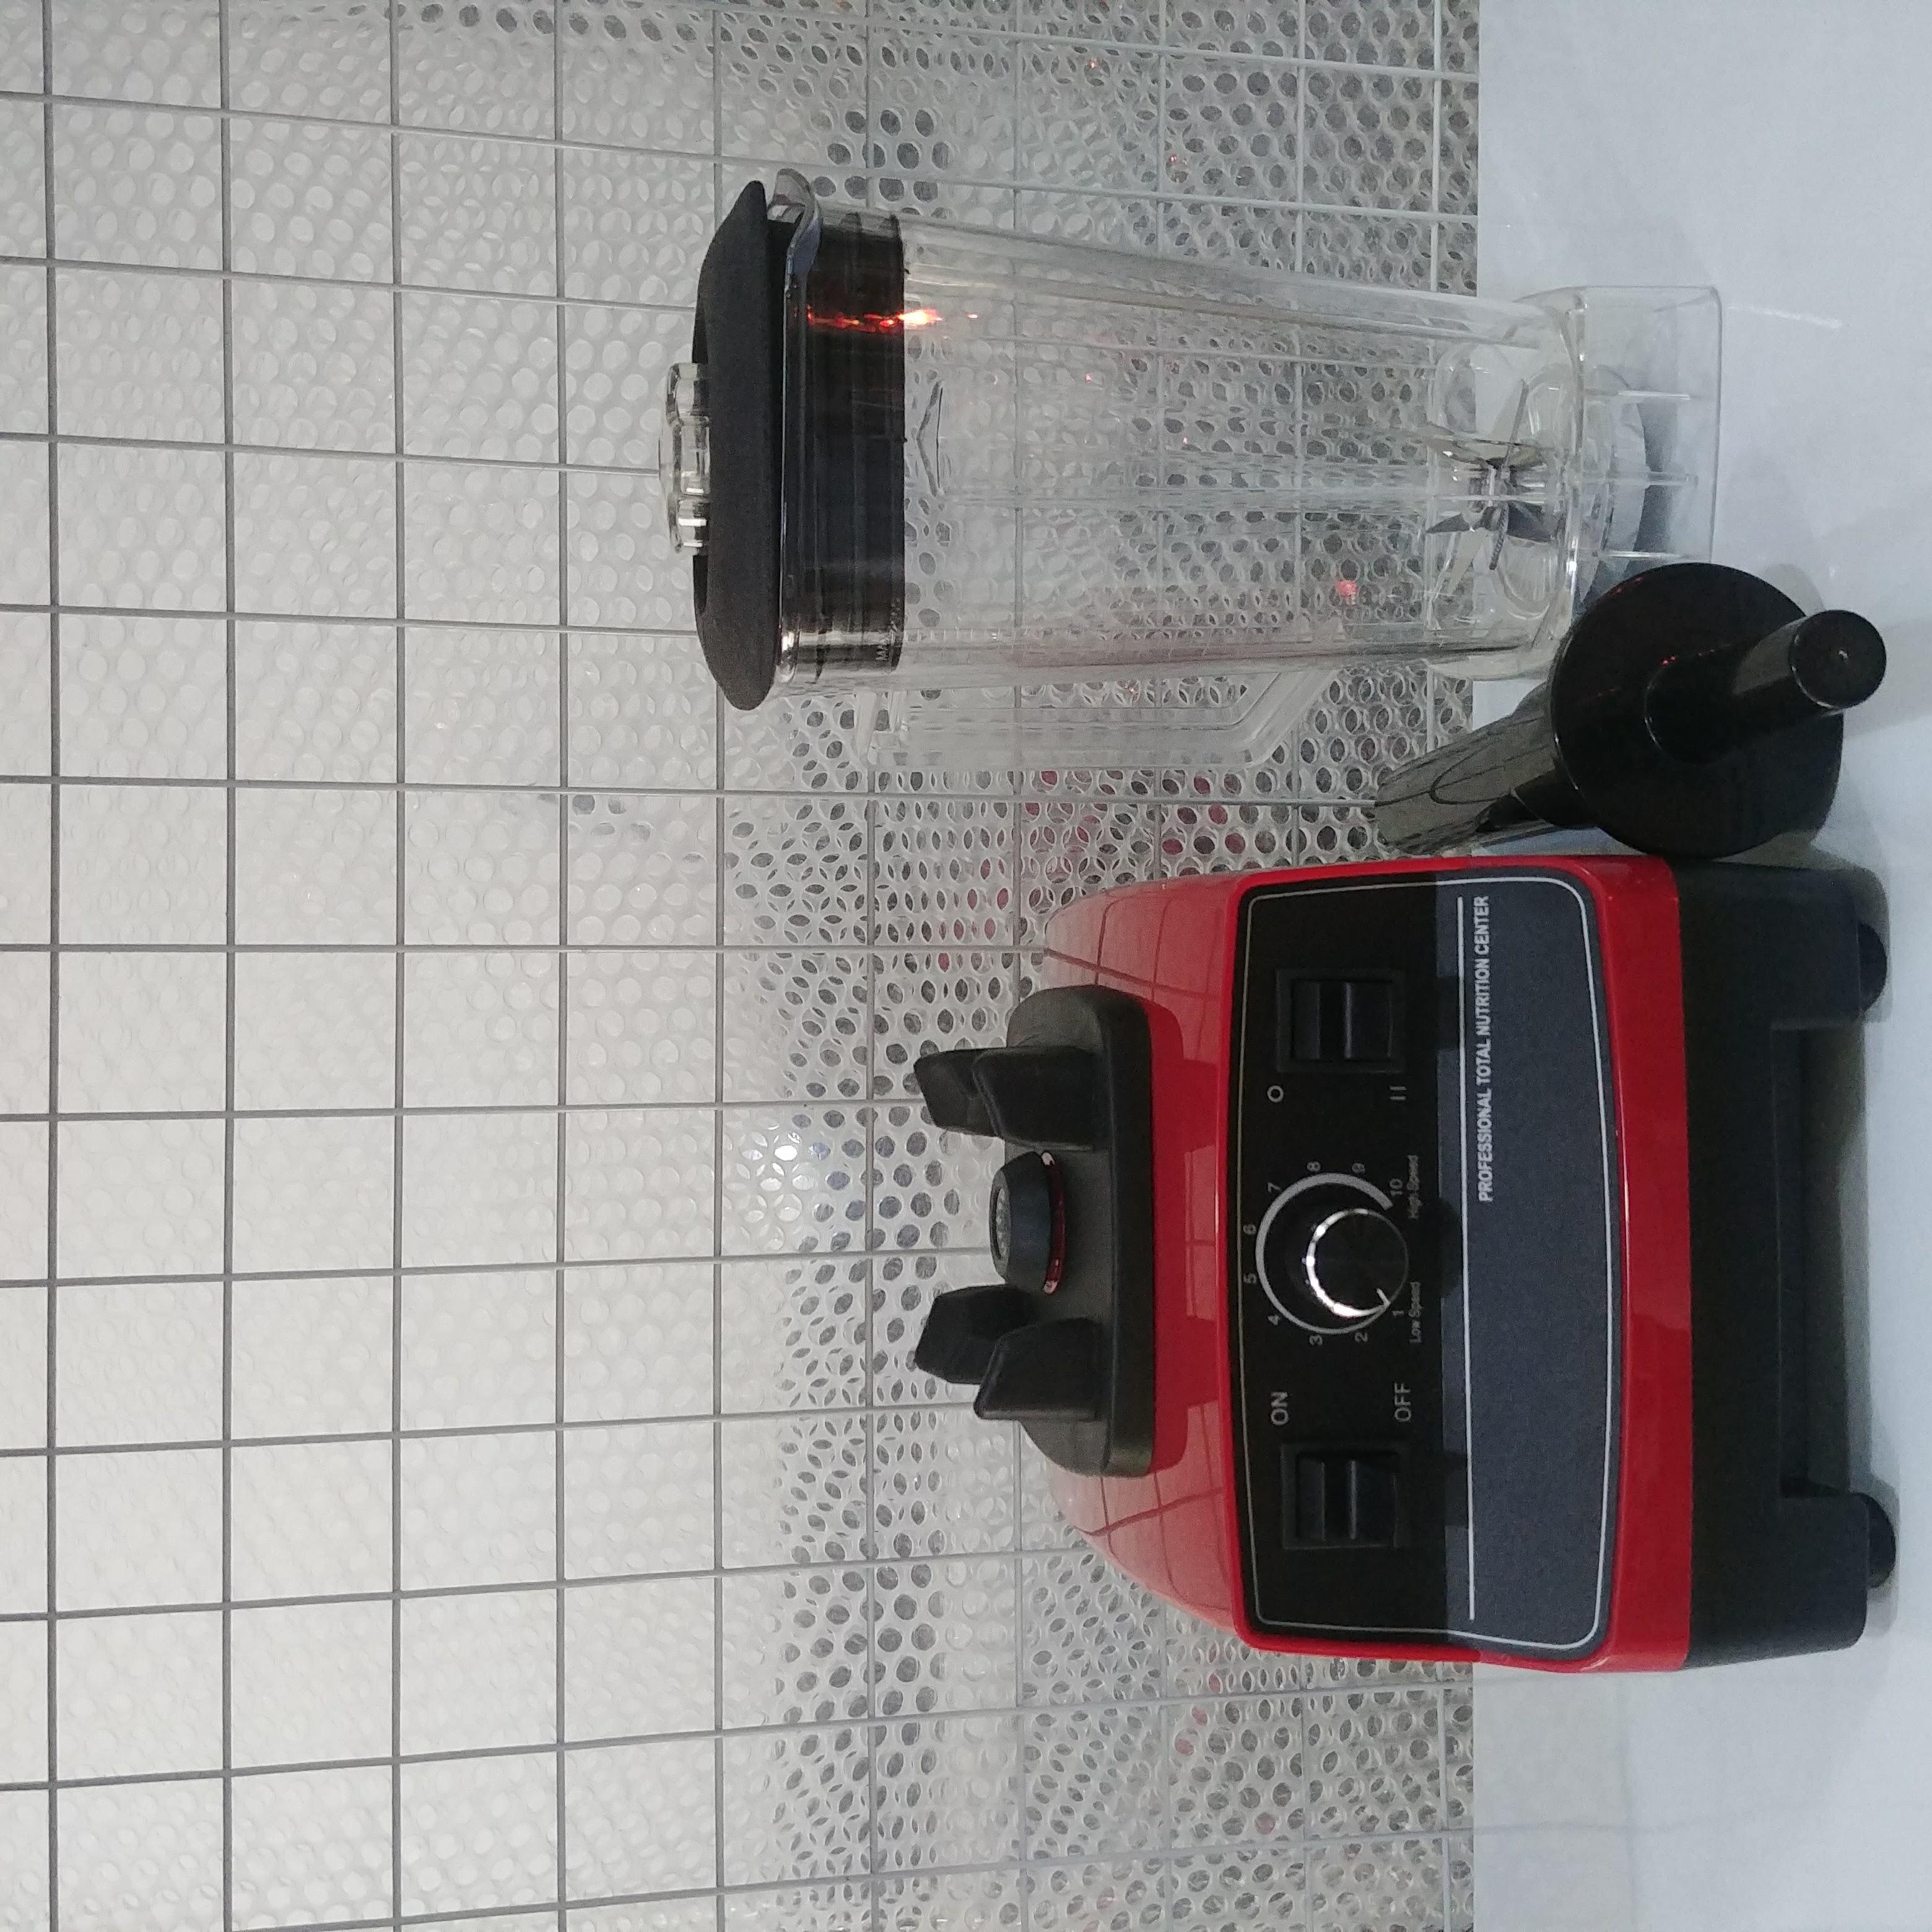 Máy xay sinh tố công nghiệp G5200 công suất 2200W, cối vuông 2 lít, lưỡi dao 8 cánh